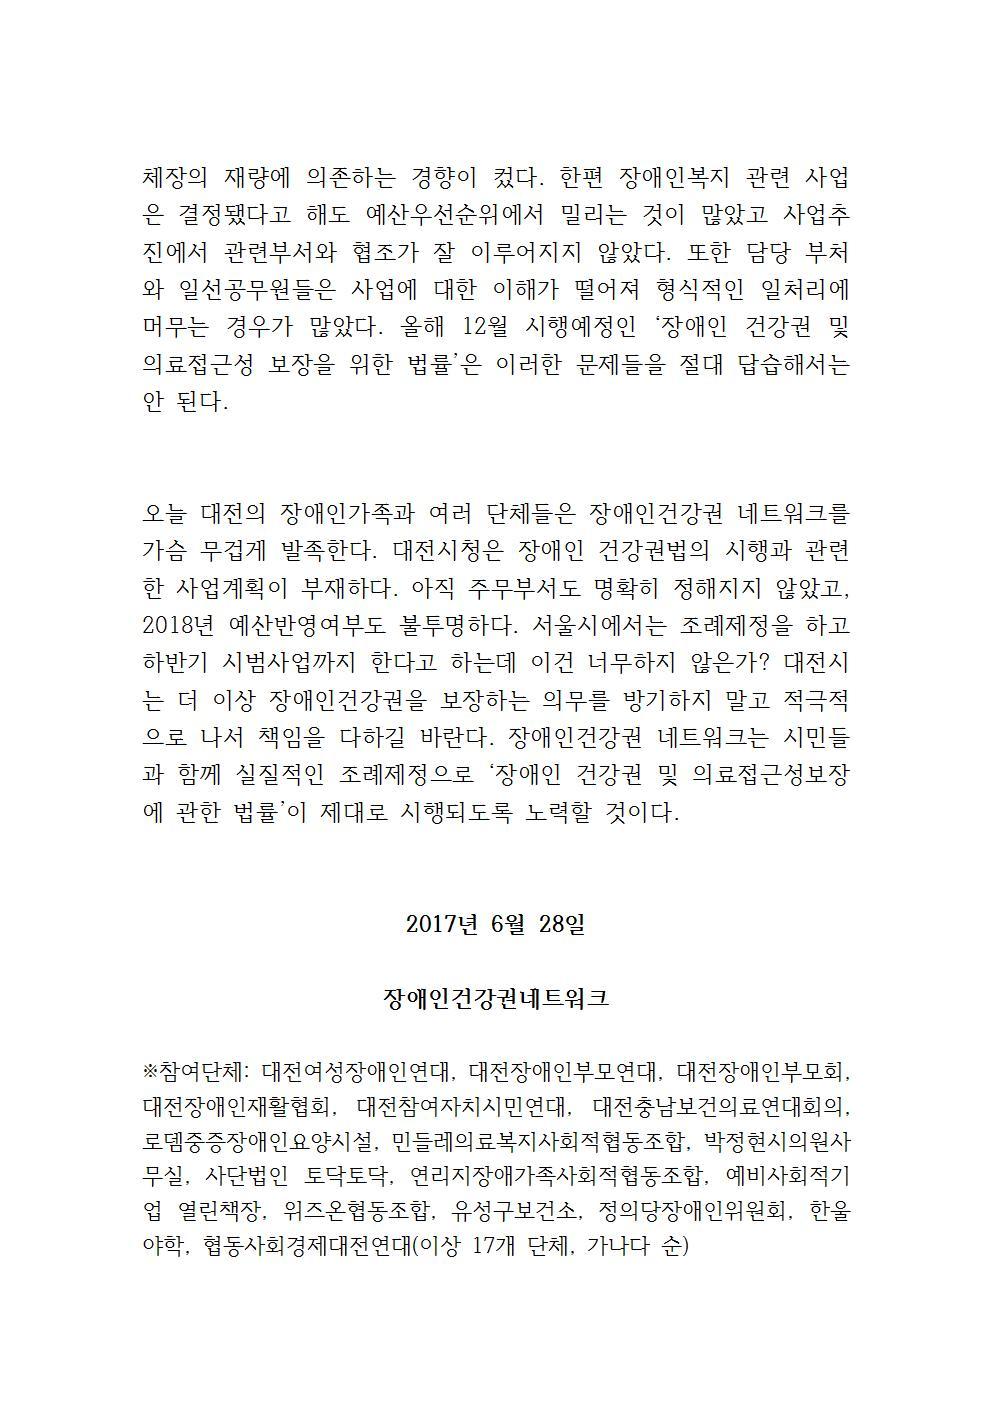 장애인건강권네트워크 출범 기자회견문002.jpg